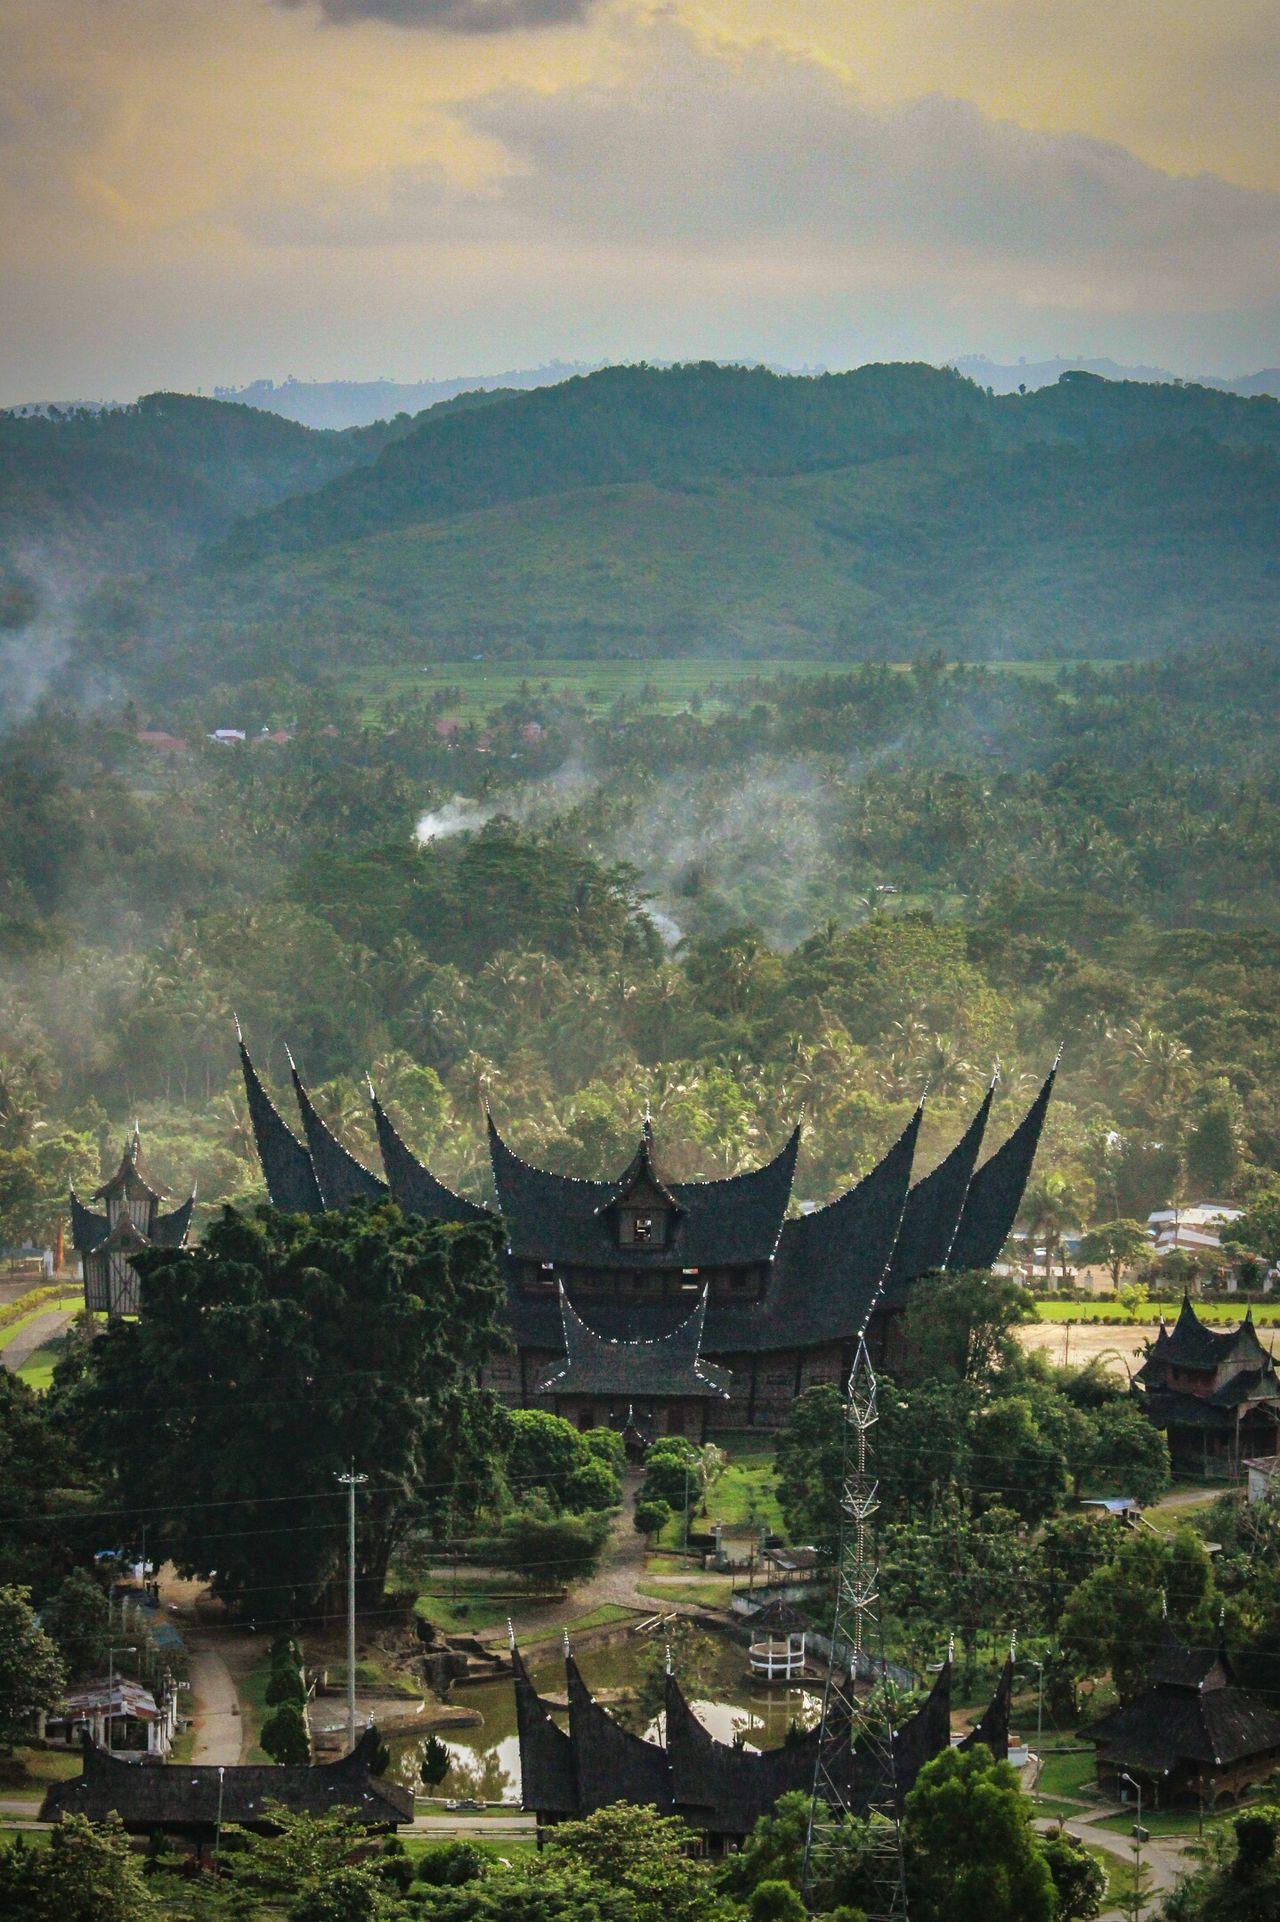 The palace of Minangkabau... Travel Historic Culture Landscape Photography Wonderfulindonesia